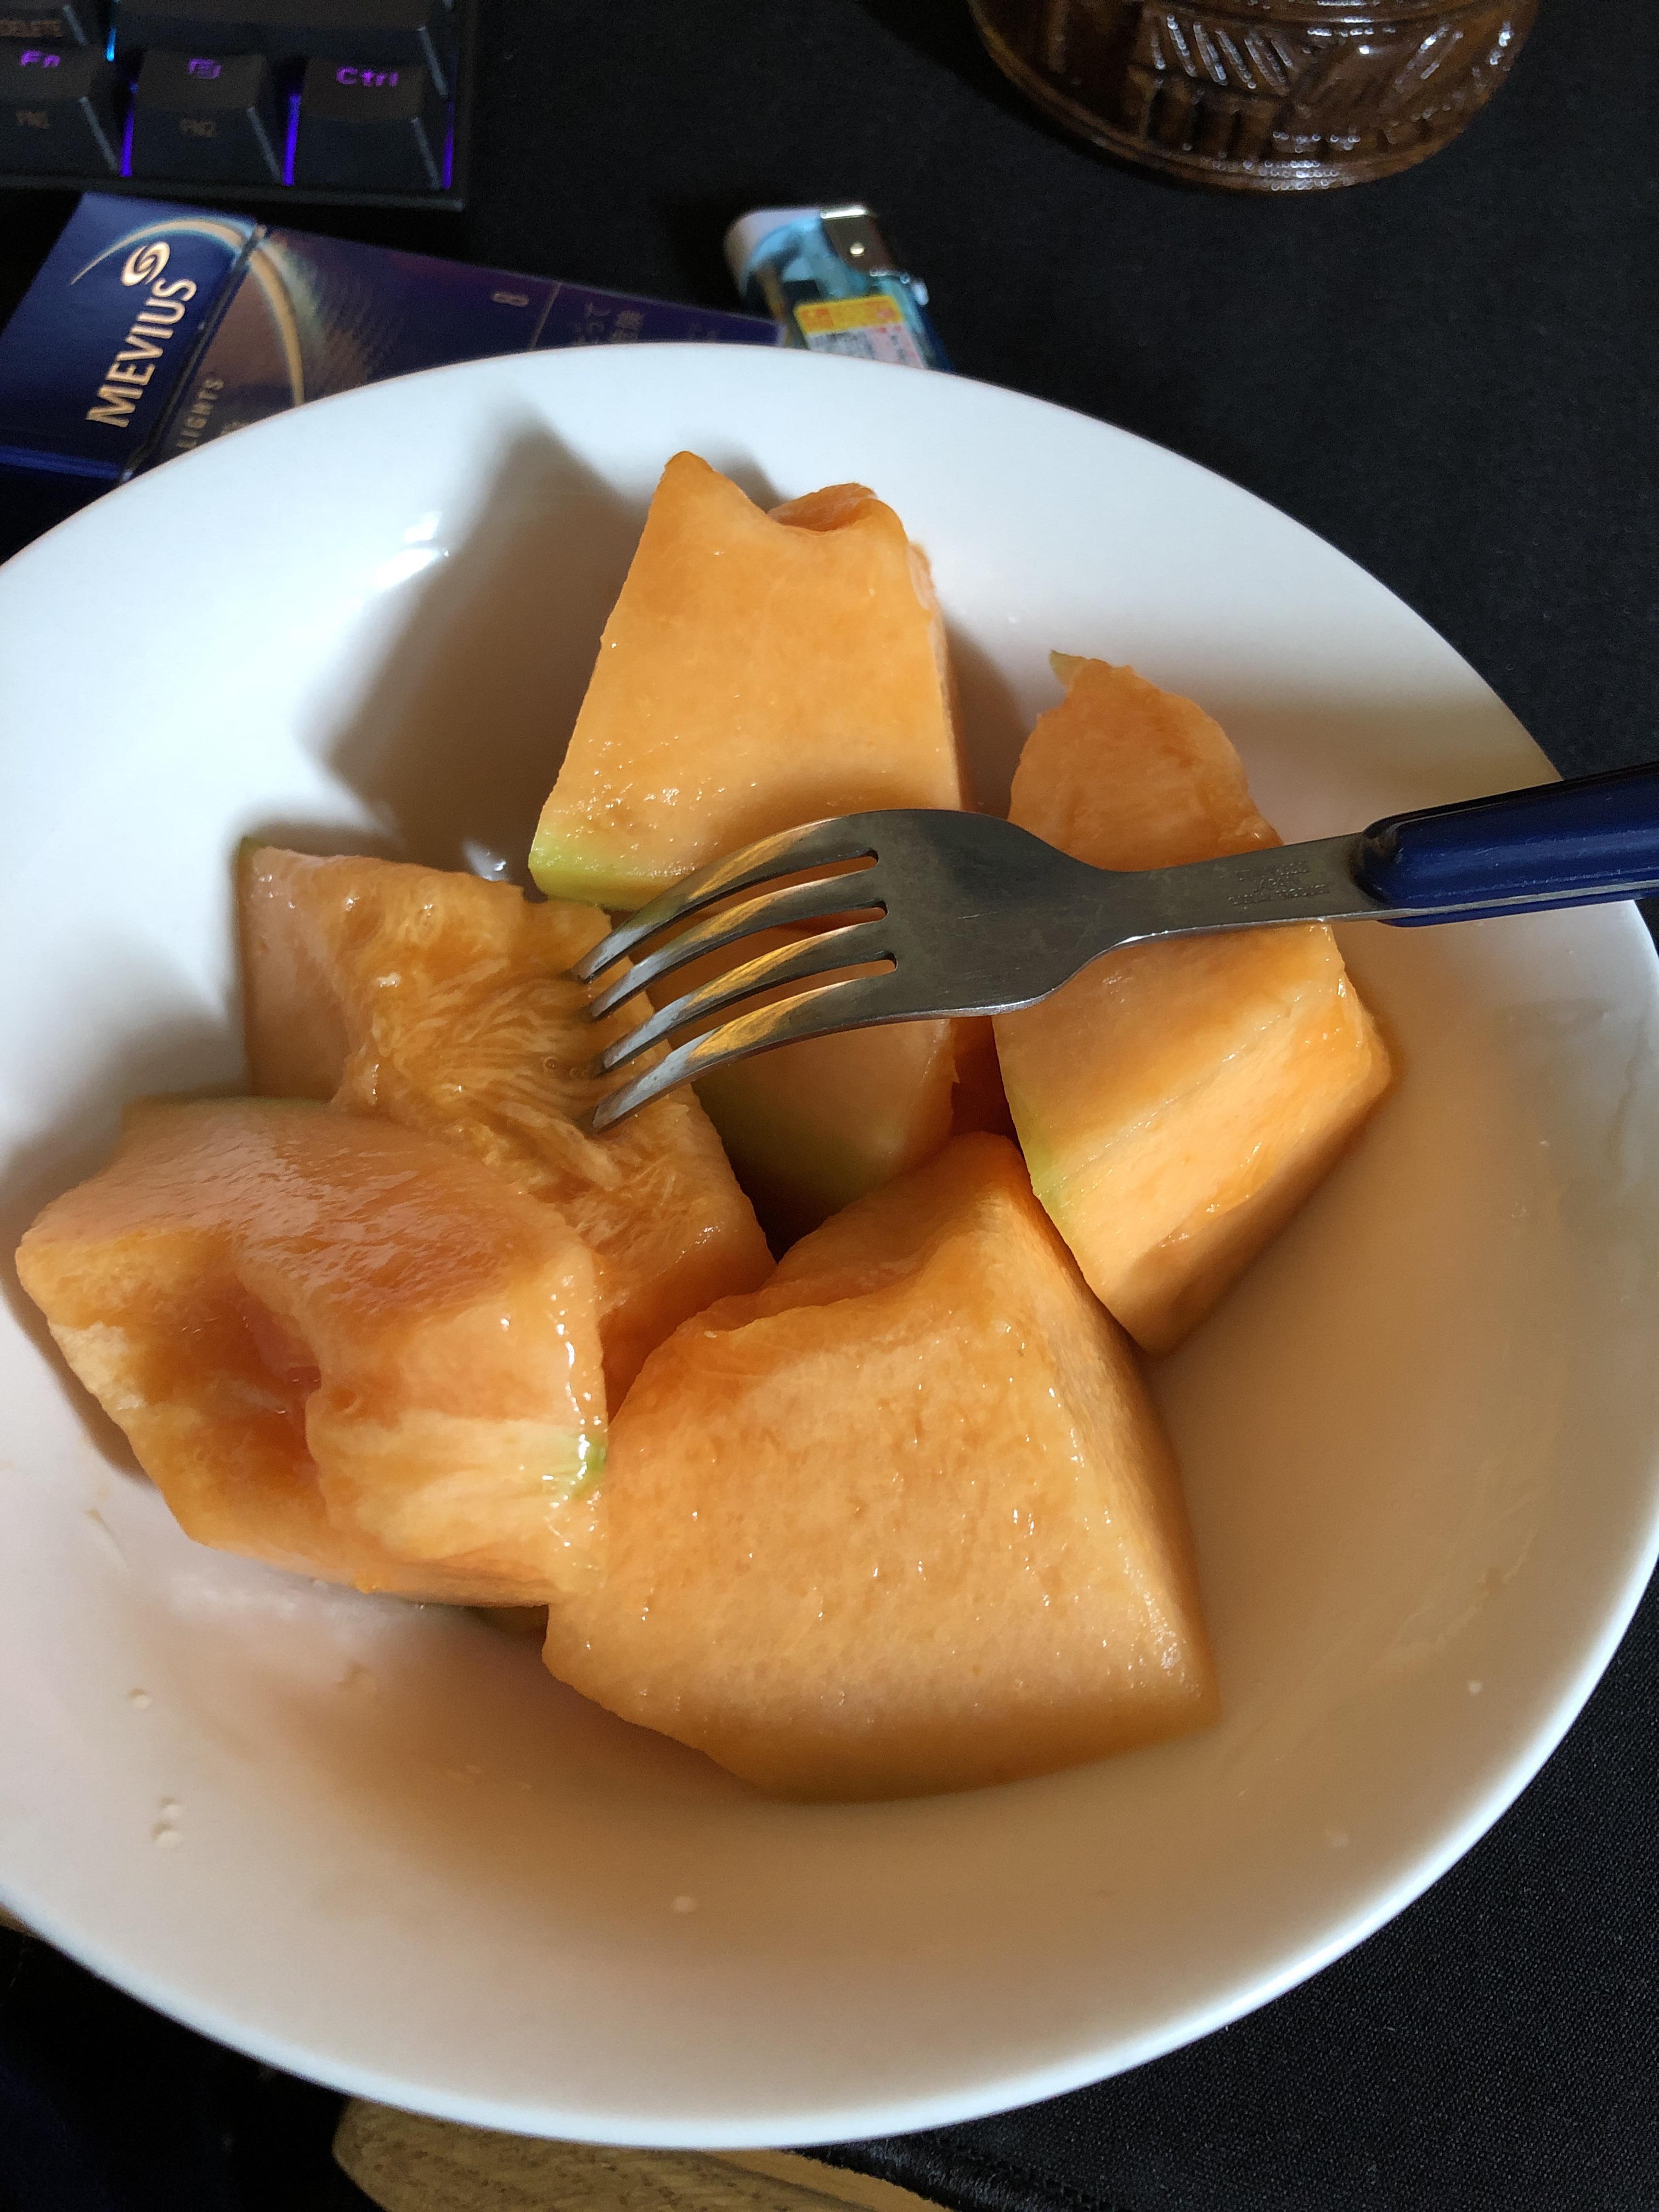 【画像有】最高級のメロン食うぞwwwwwwwwwwwwwwwwwwwww